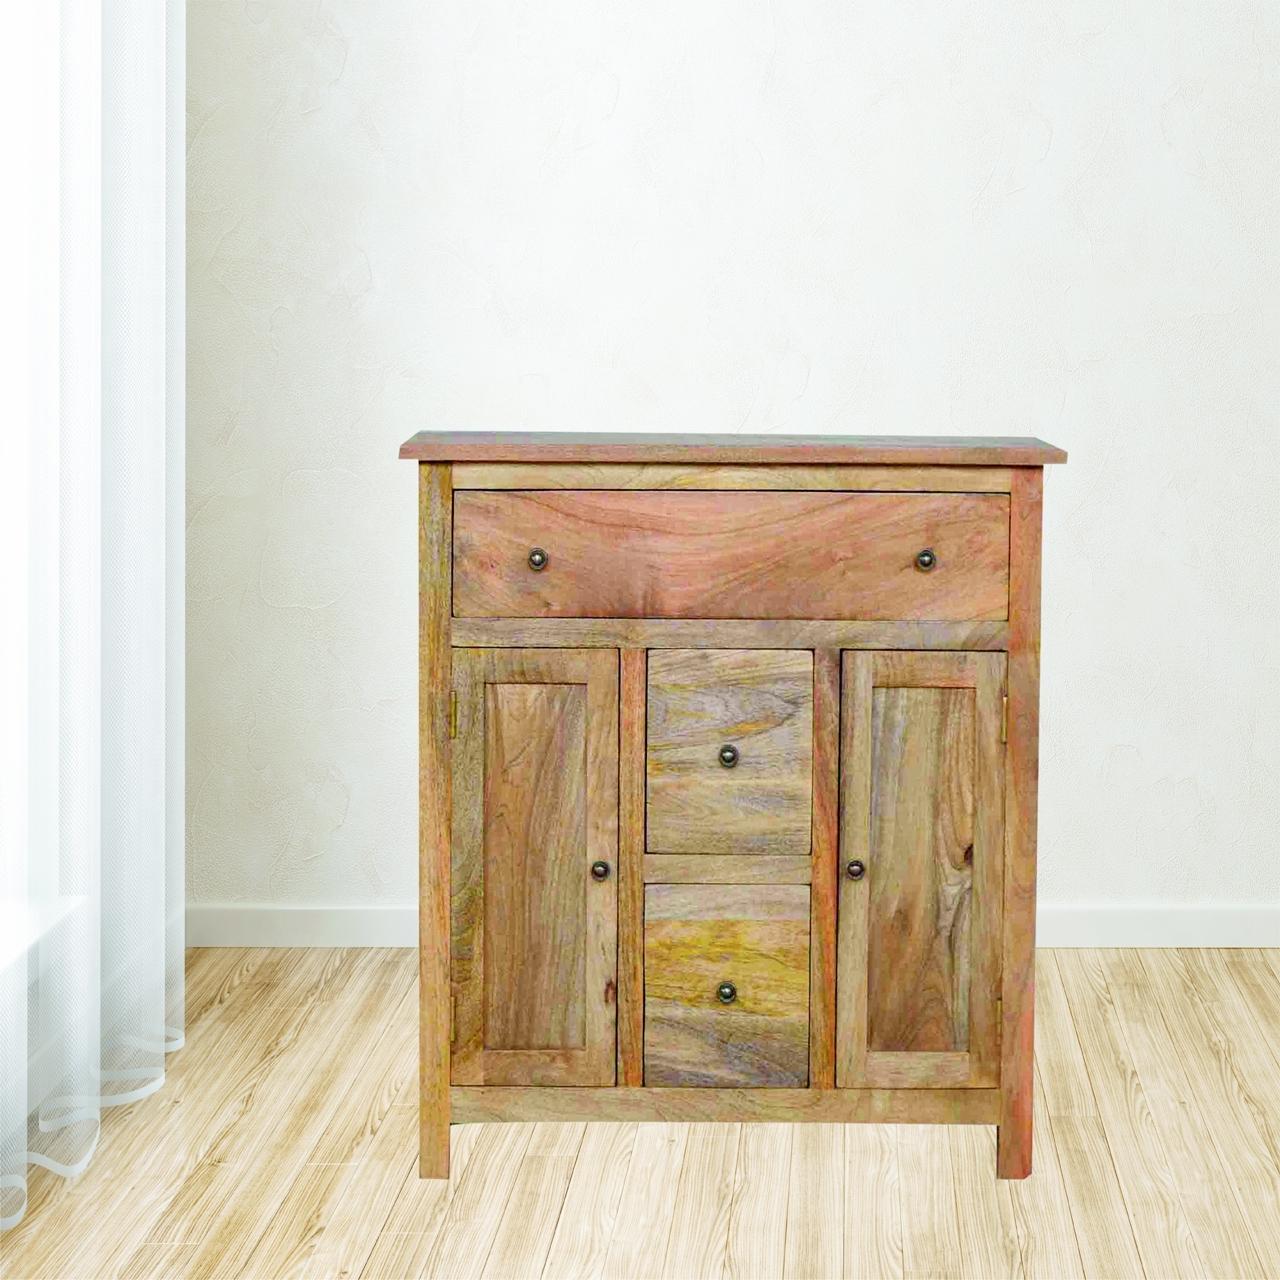 Solid Wood Sideboard - 2 Doors & 3 Drawers - Lm Furnishings in Mango Wood 2-Door/2-Drawer Sideboards (Image 28 of 30)